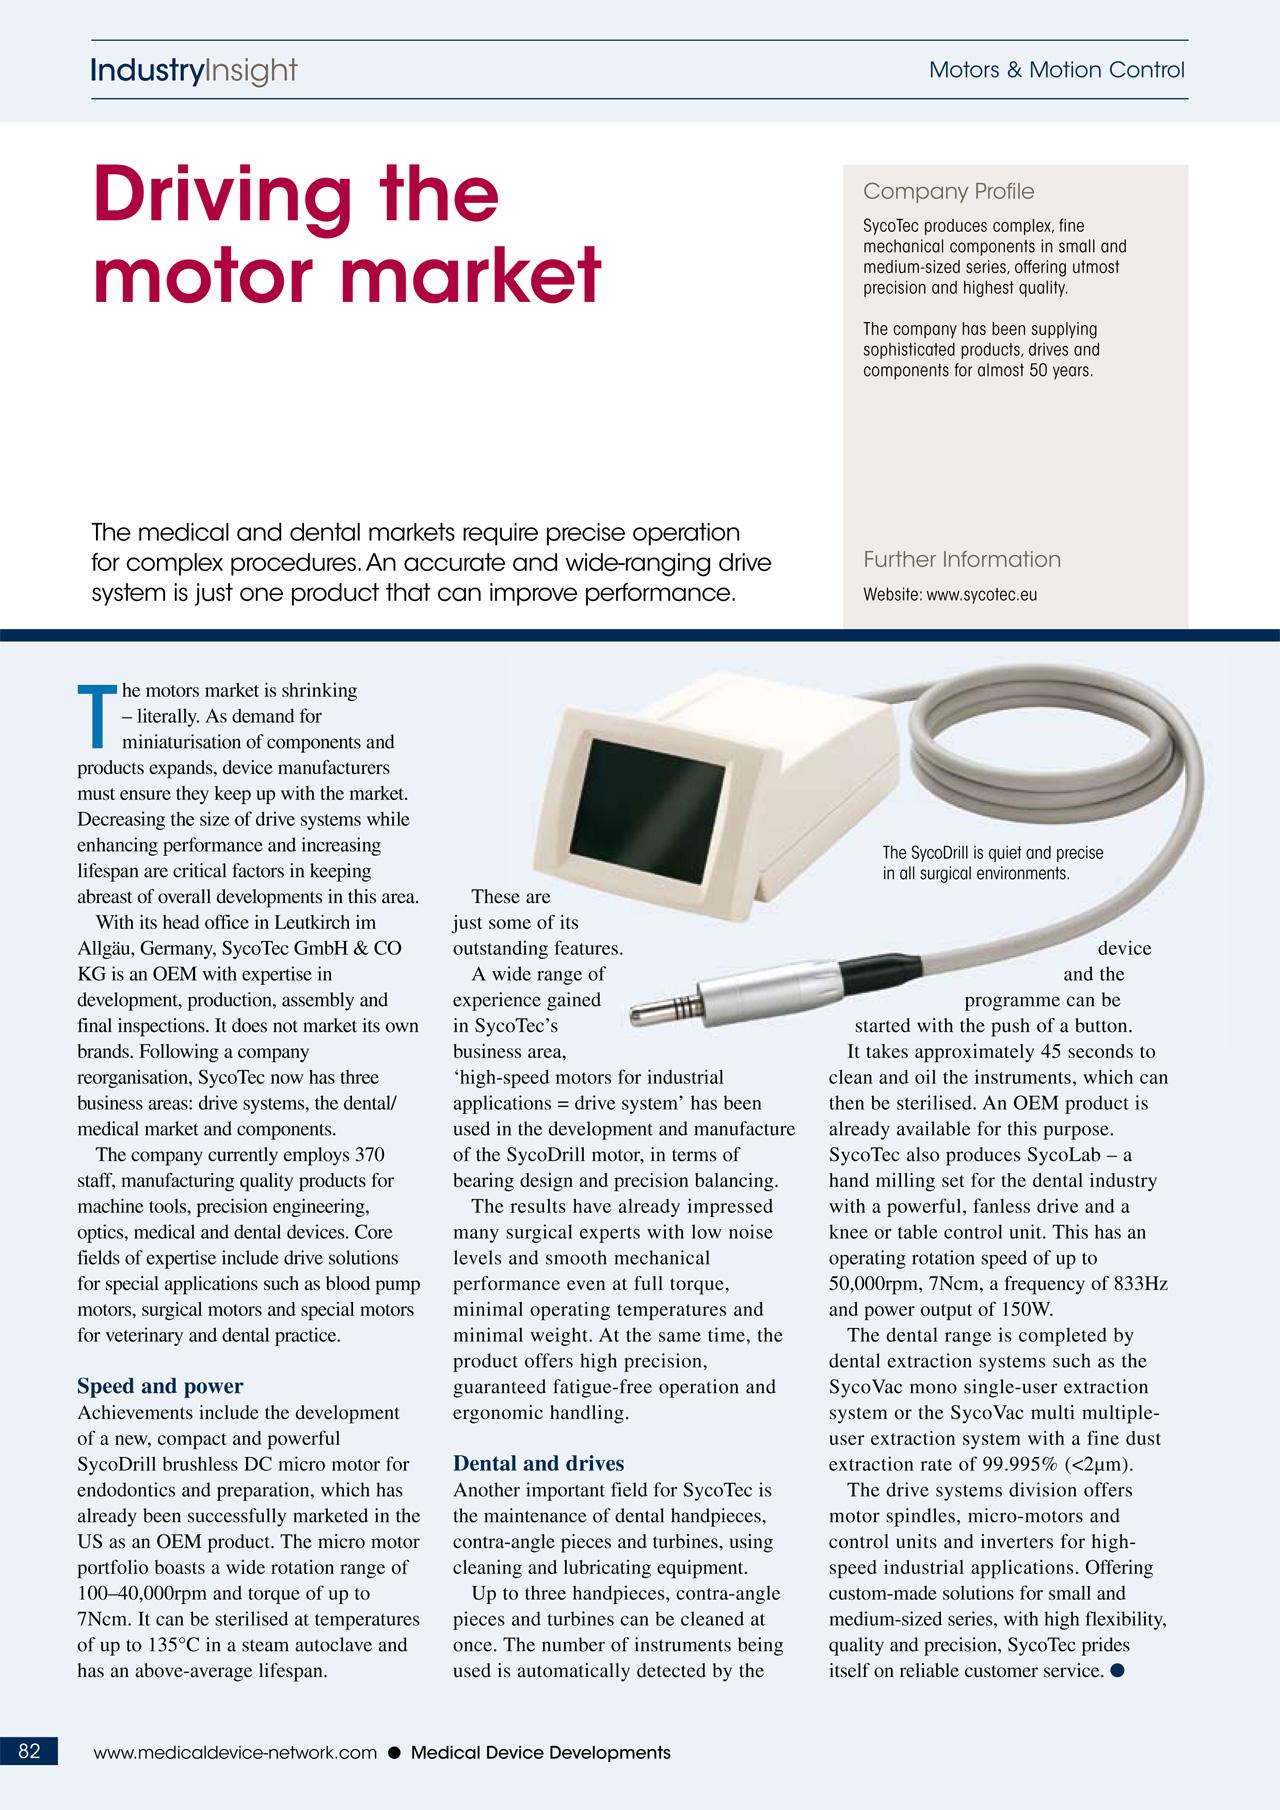 IndustryInsight: Driving the motor market